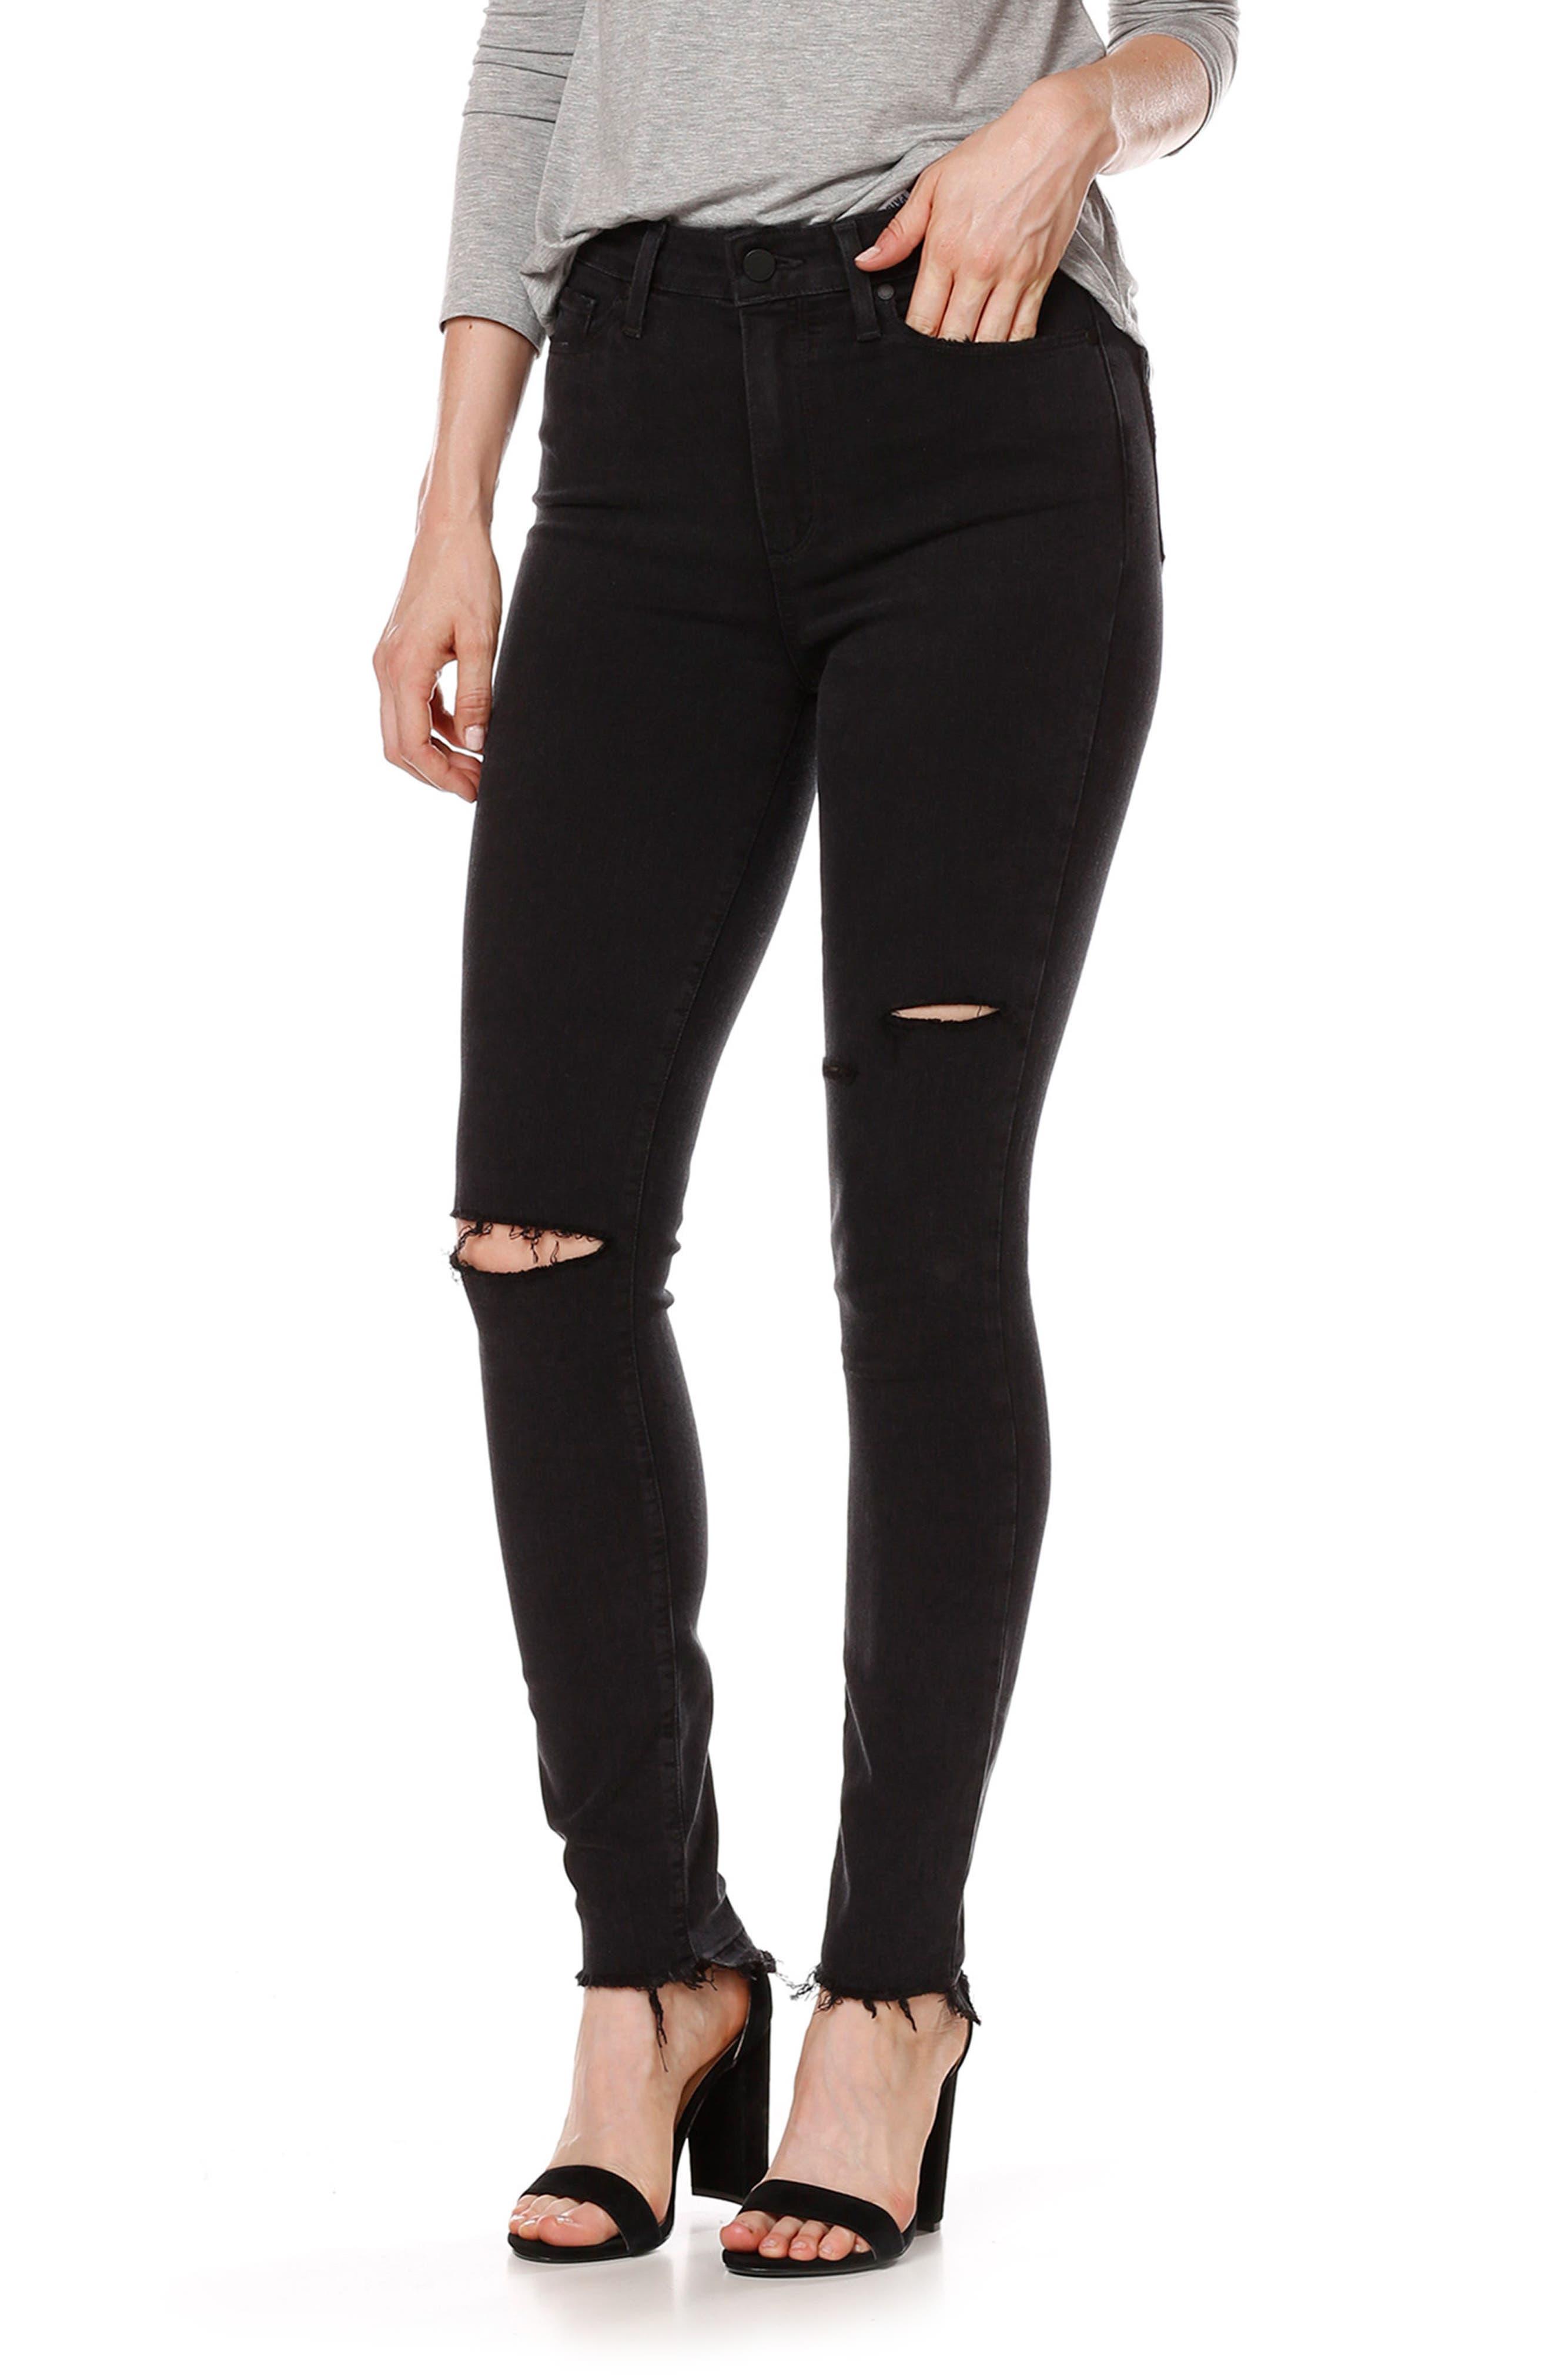 Main Image - PAIGE Transcend - Margot High Waist Ankle Skinny Jeans (Black Sky Destructed)